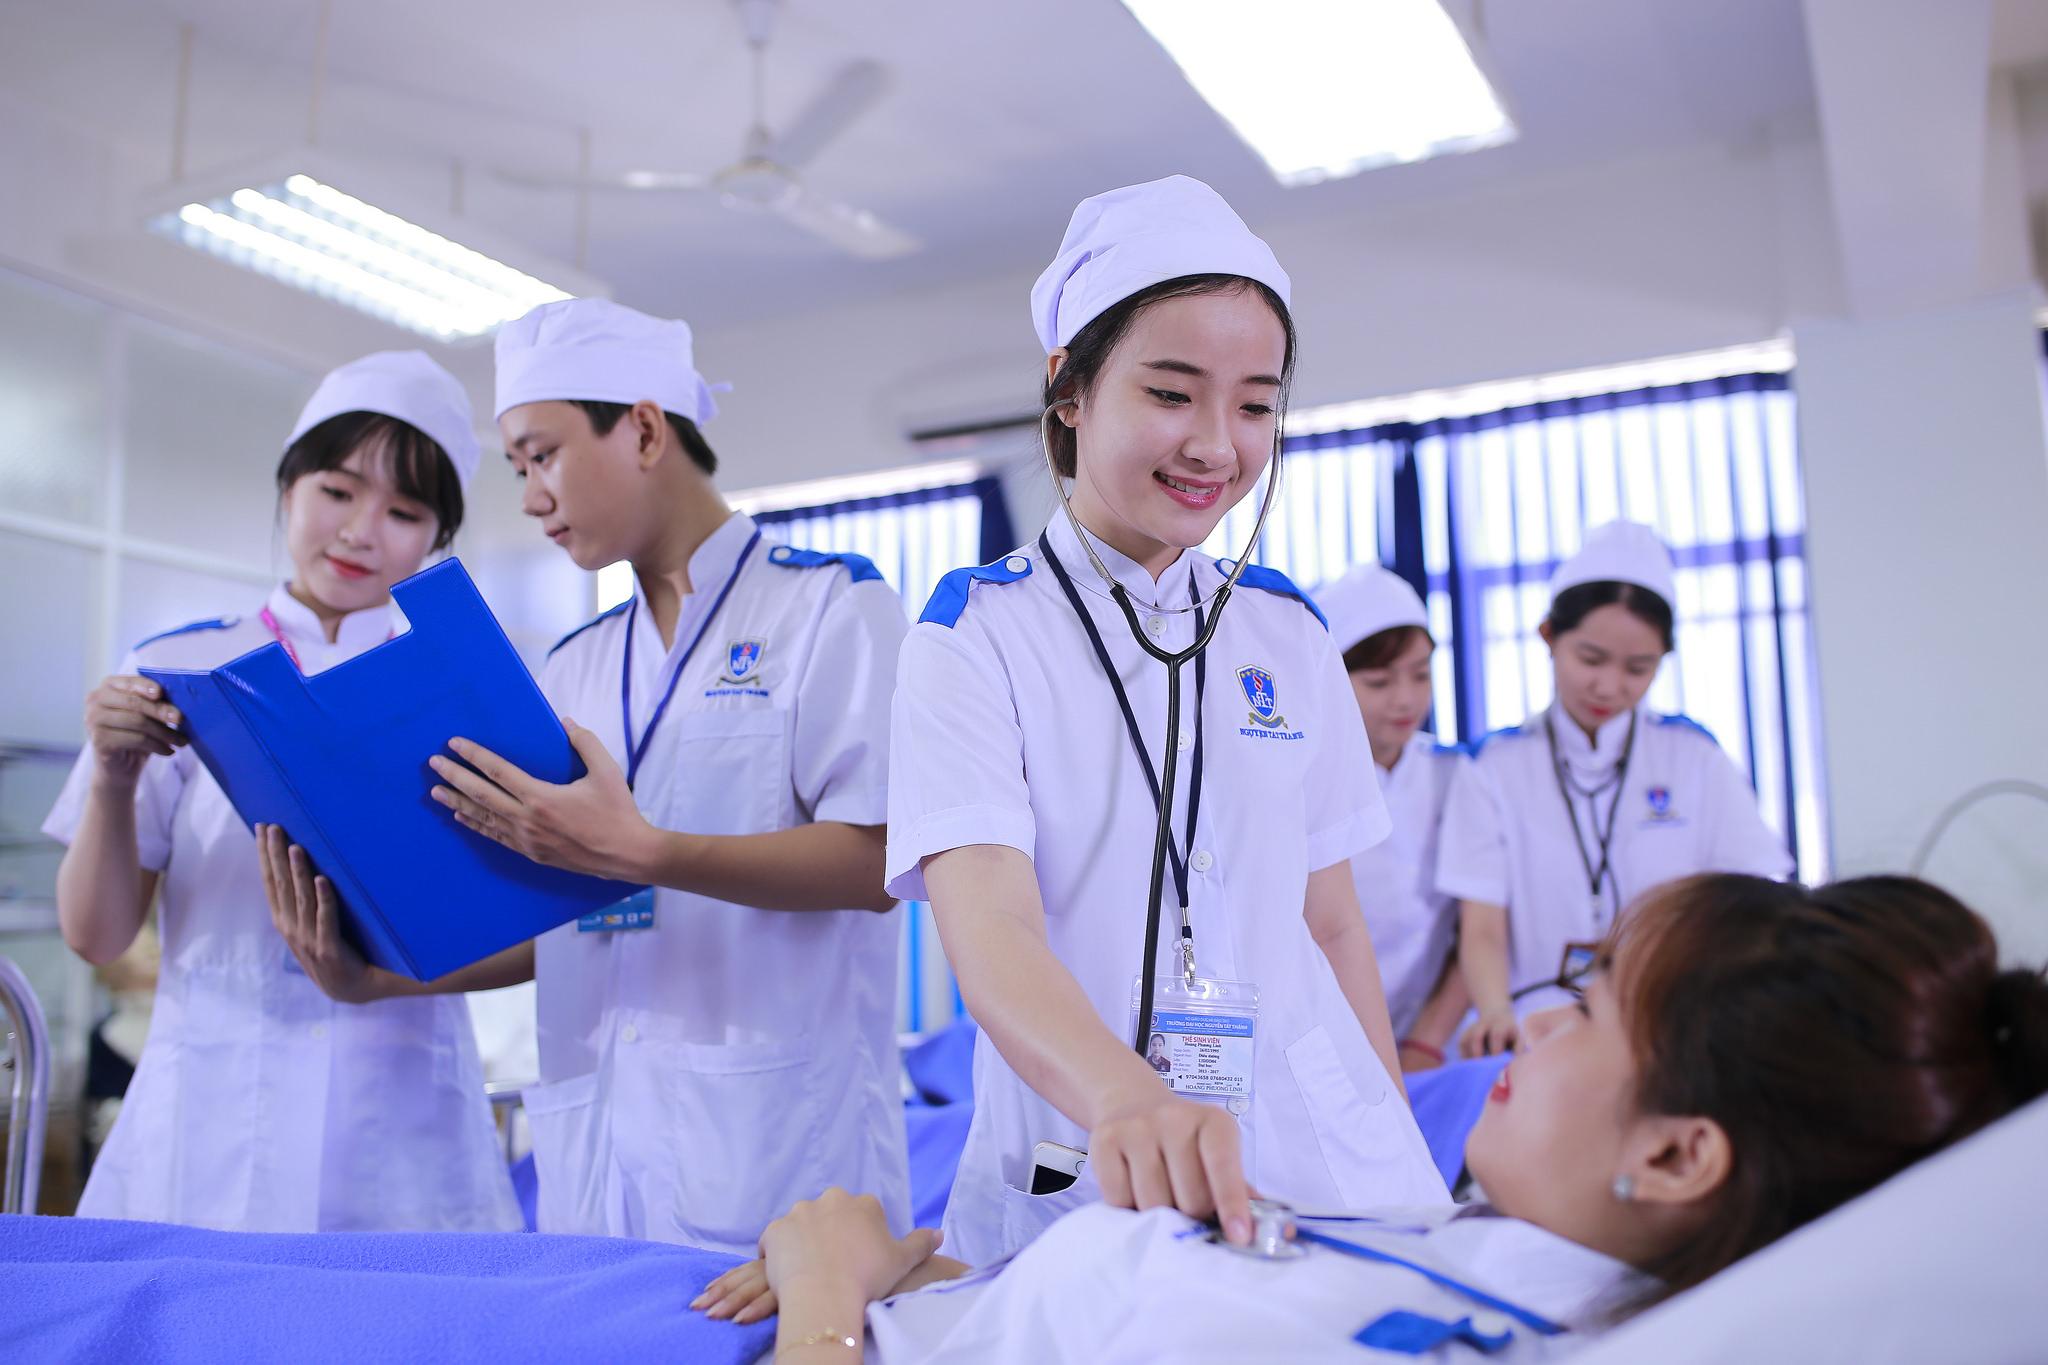 Vì sao nên du học ngành điều dưỡng tại Nhật? Khi lựa chọn du học ngành điều dưỡng tại Nhật, thông thường, bạn sẽ trải qua quá trình học trường tiếng và thực tập tại các viện dưỡng lão, trung tâm y tế. Du học ngành điều dưỡng có nhiều học bổng hỗ trợ học tập tối đa cho bạn: - Có cơ hội được học tập tại một trong những quốc gia có nền giáo dục hàng đầu trên thế giới - Được tài trợ 100% học phí trường tiếng, chi phí ký túc xá tại Nhật - Hỗ trợ thực tập ngay tại viện dưỡng lão, trung tâm y tế, bệnh viện,… với mức thu nhập đáng kể phục vụ chi tiêu hàng ngày - Có cơ hội học lên Đại học chuyên ngành Điều dưỡng – nhận công việc chính thức với mức lương cao ngất ngưởng sau khi ra trường